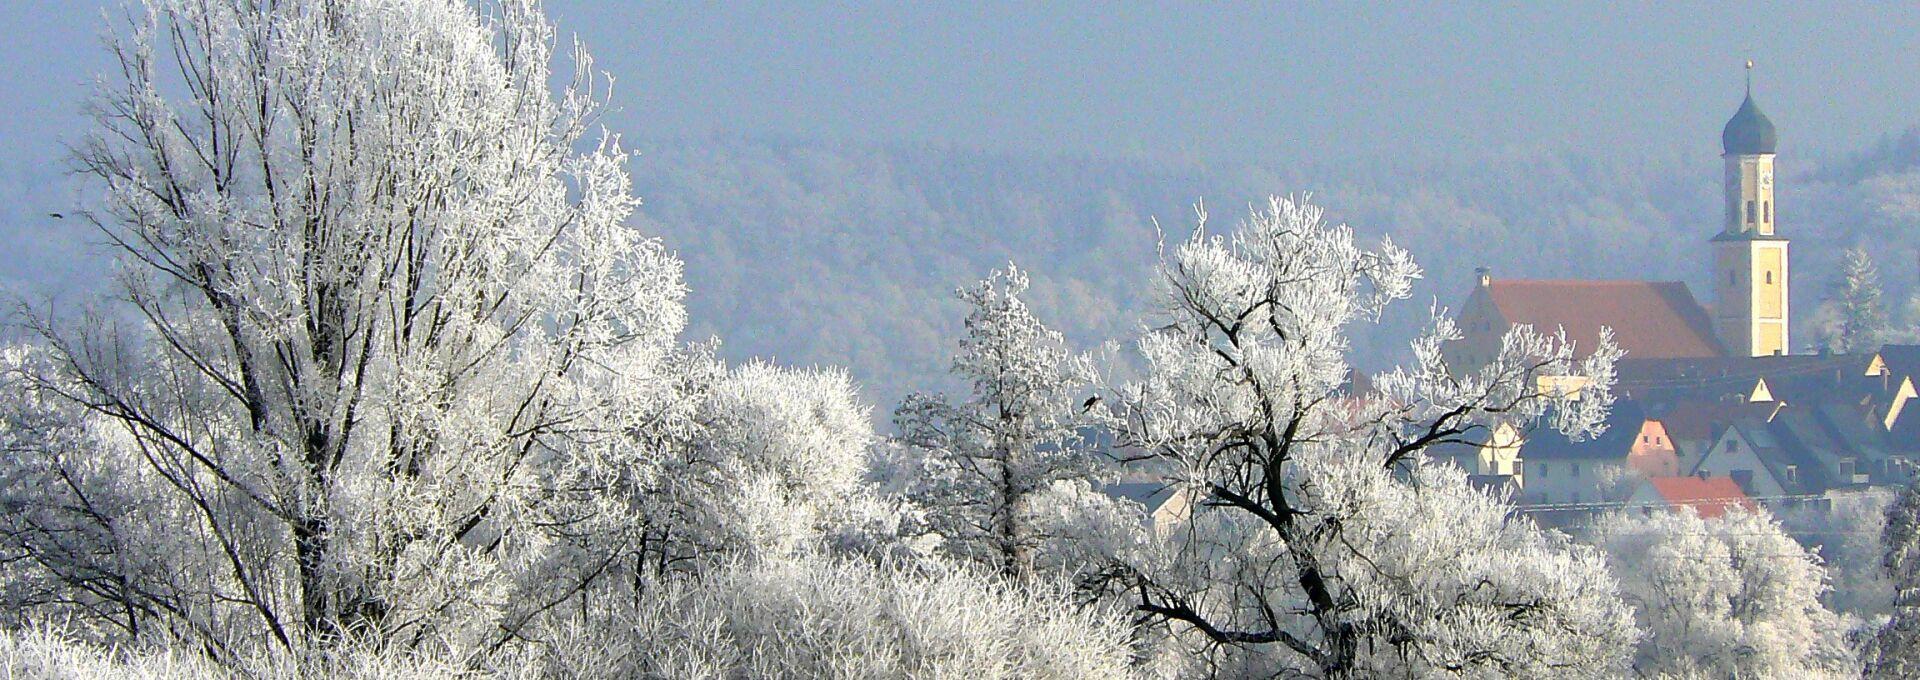 Zusmarshausen von Westen (Fotograf Max Trometer)